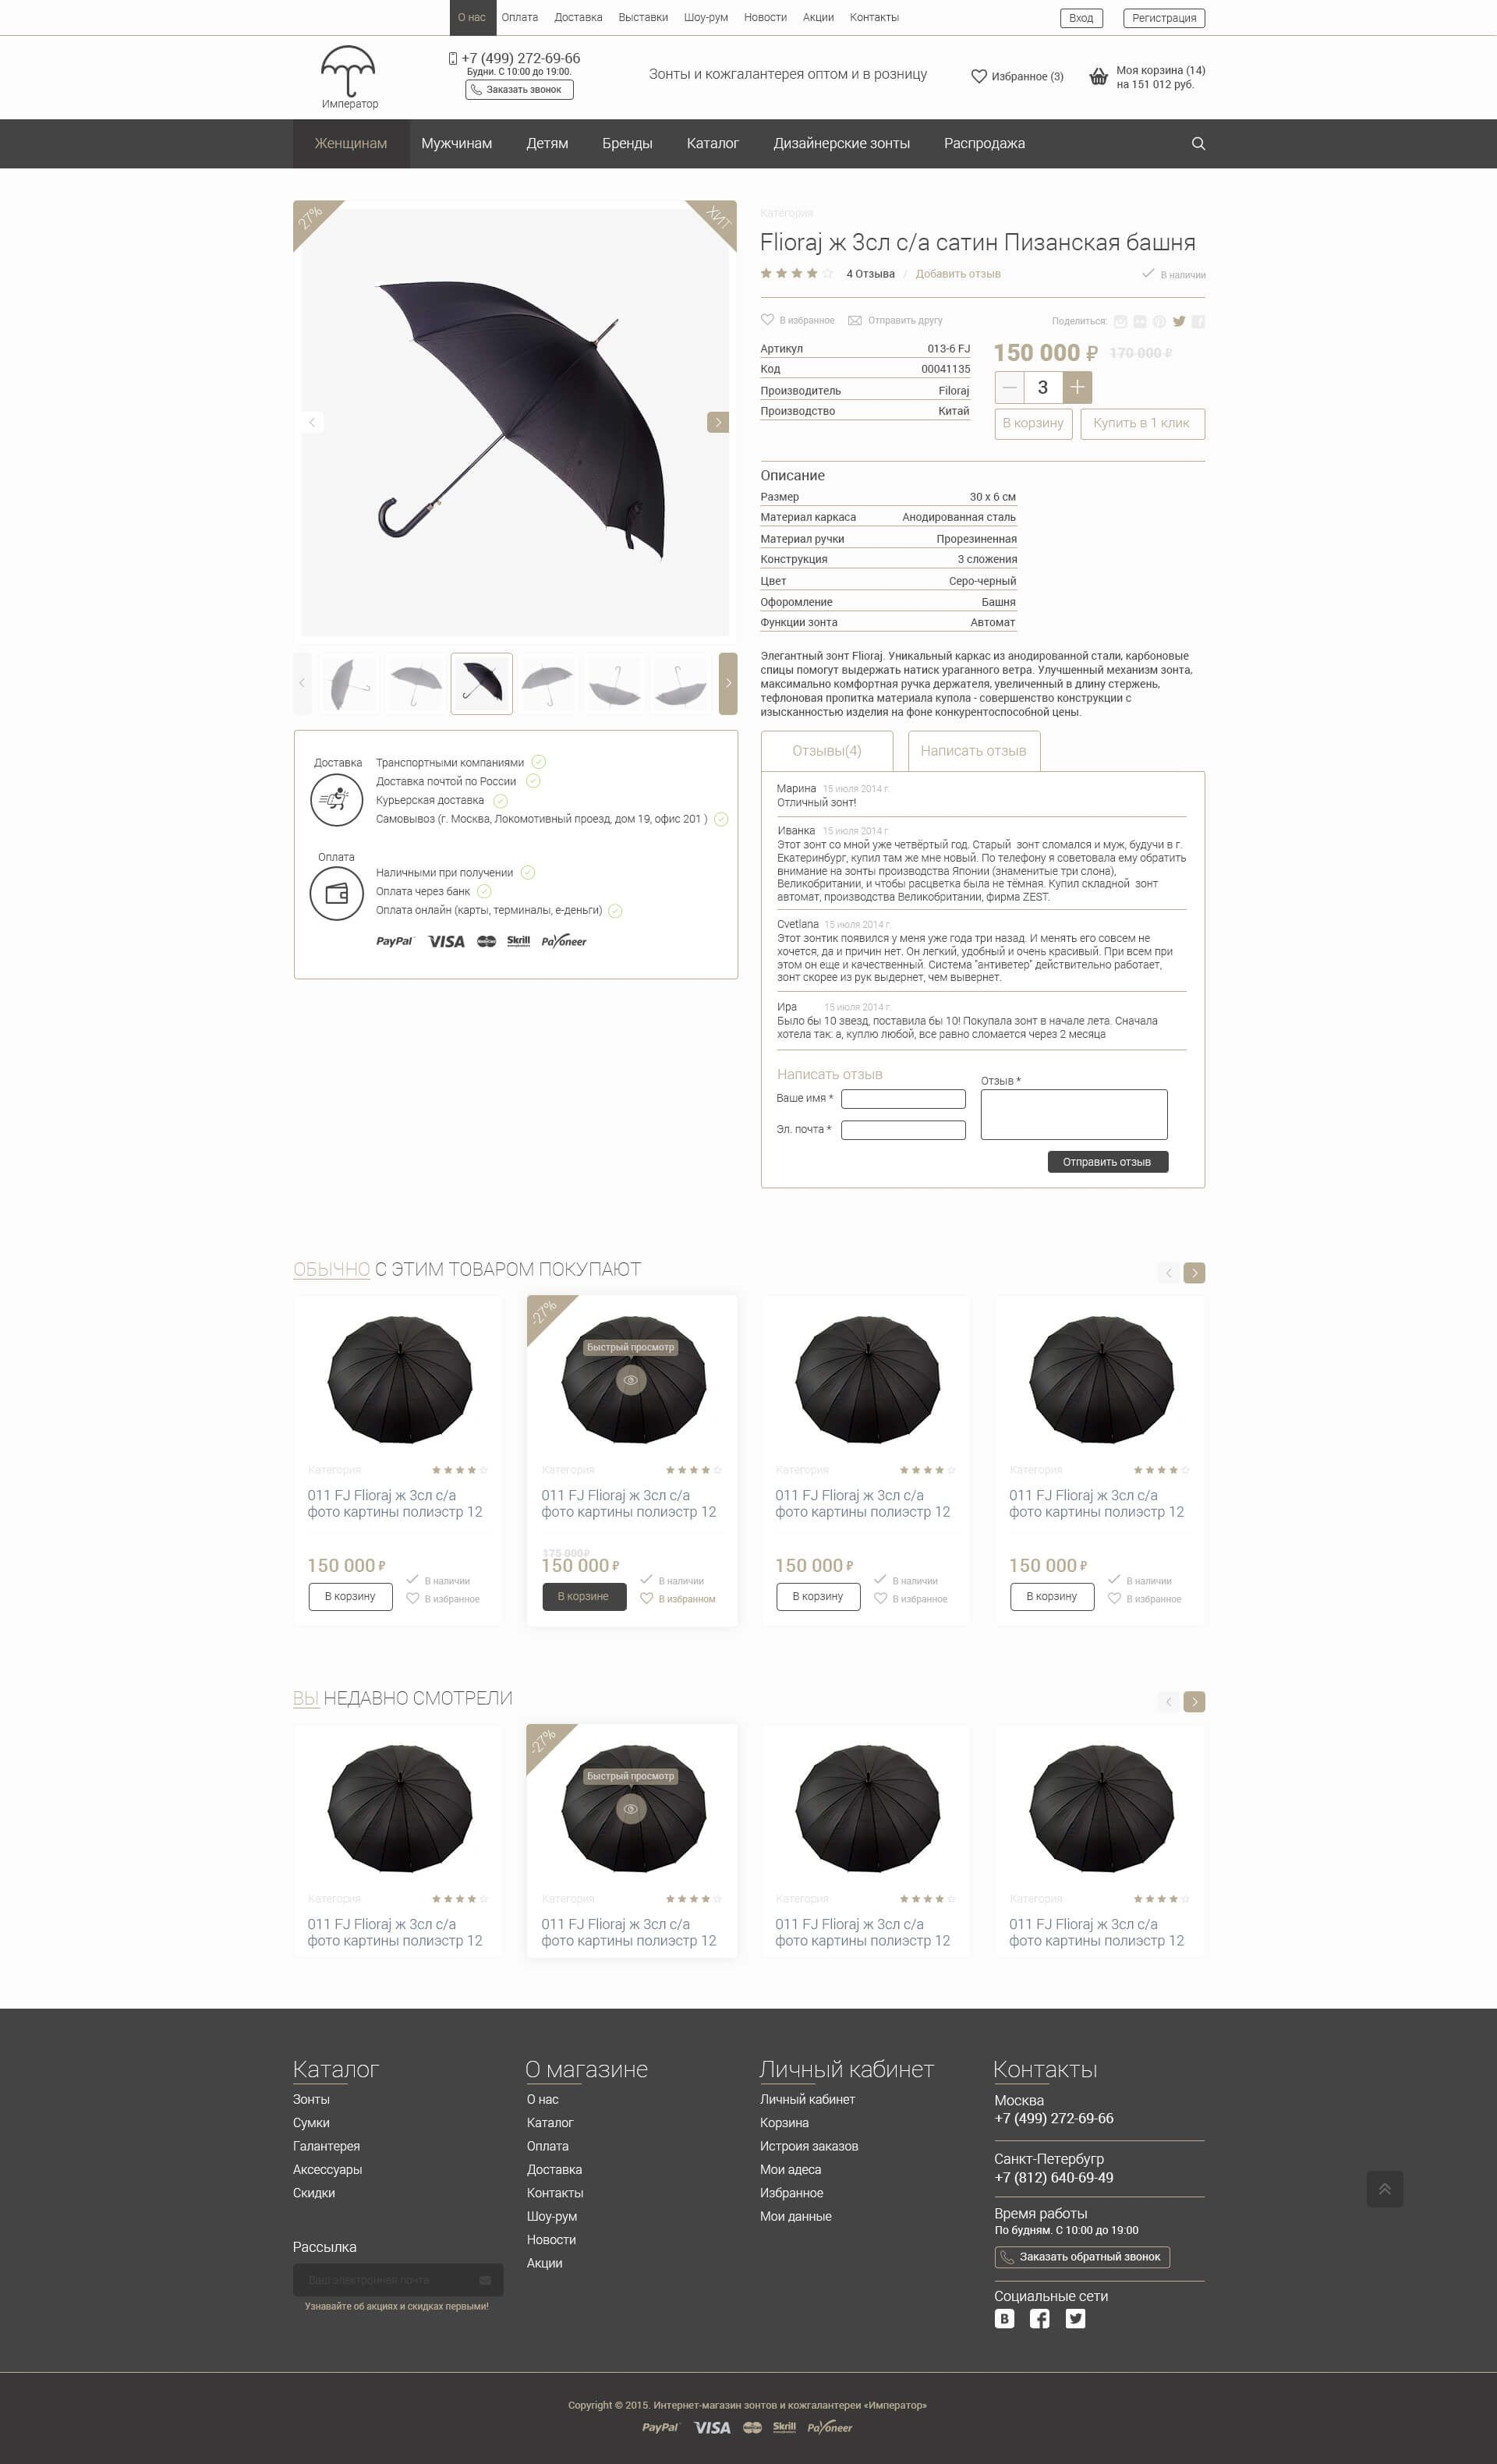 Интерфейс оптово-розничного интернет-магазина - дизайнер roman700900